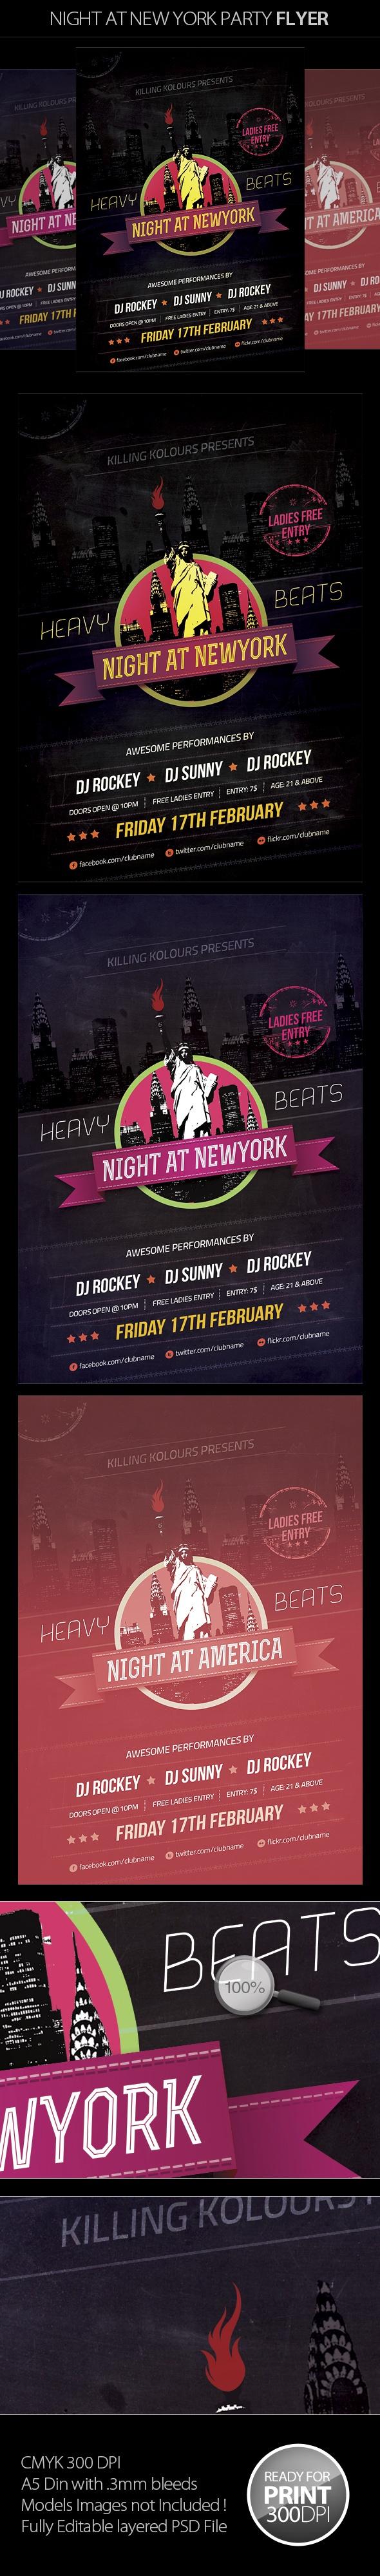 Night at New York Party Flyer by Mahantesh Nagashetty, via Behance